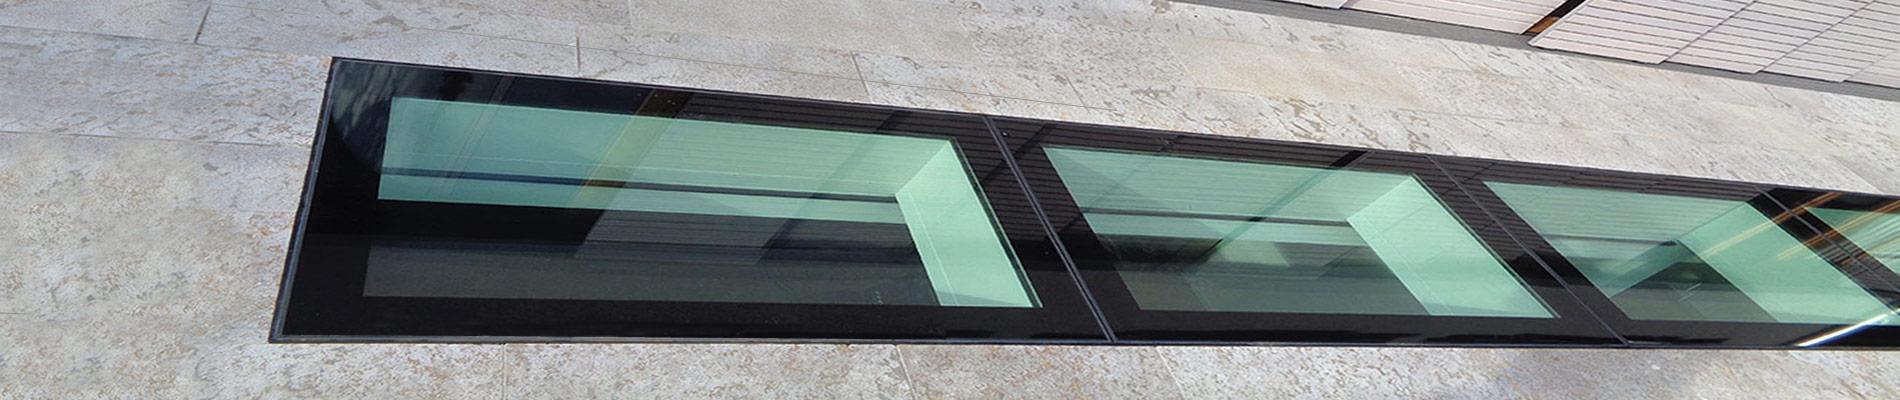 Begehbares Oberlicht-Lichtband für Tageslicht im Kellergeschoss